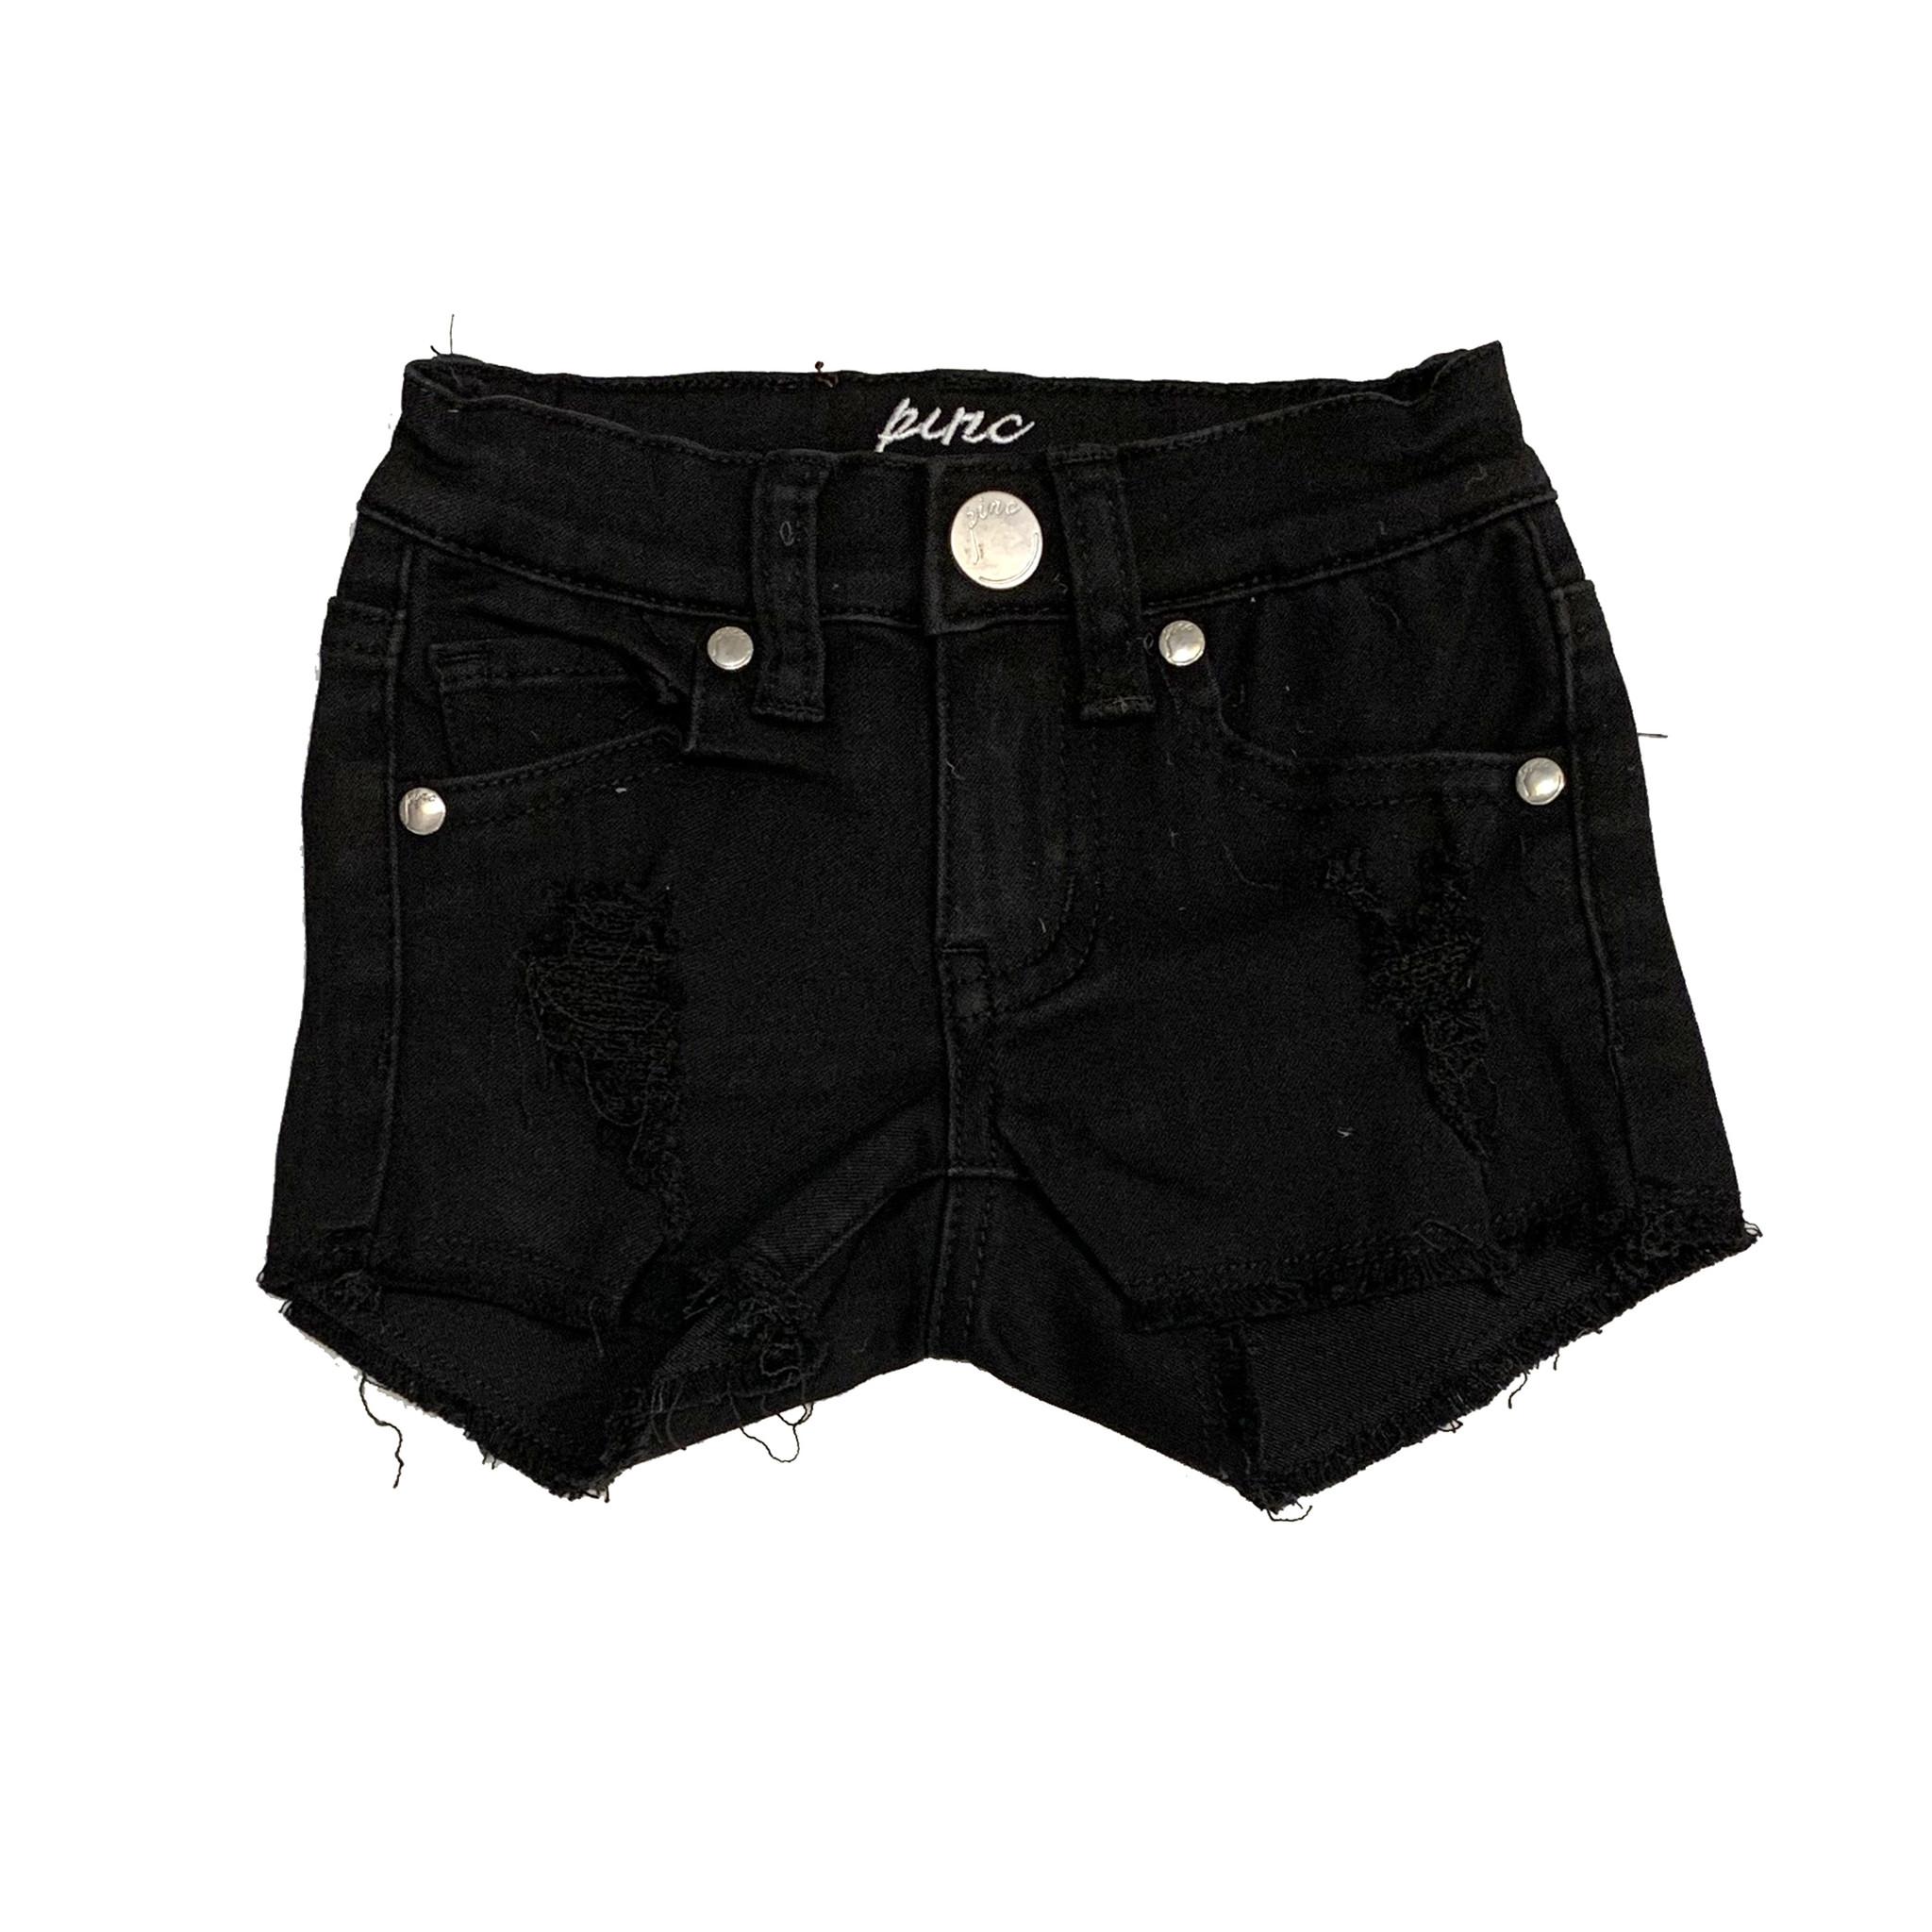 Pinc Black Ripped Denim Toddler Shorts